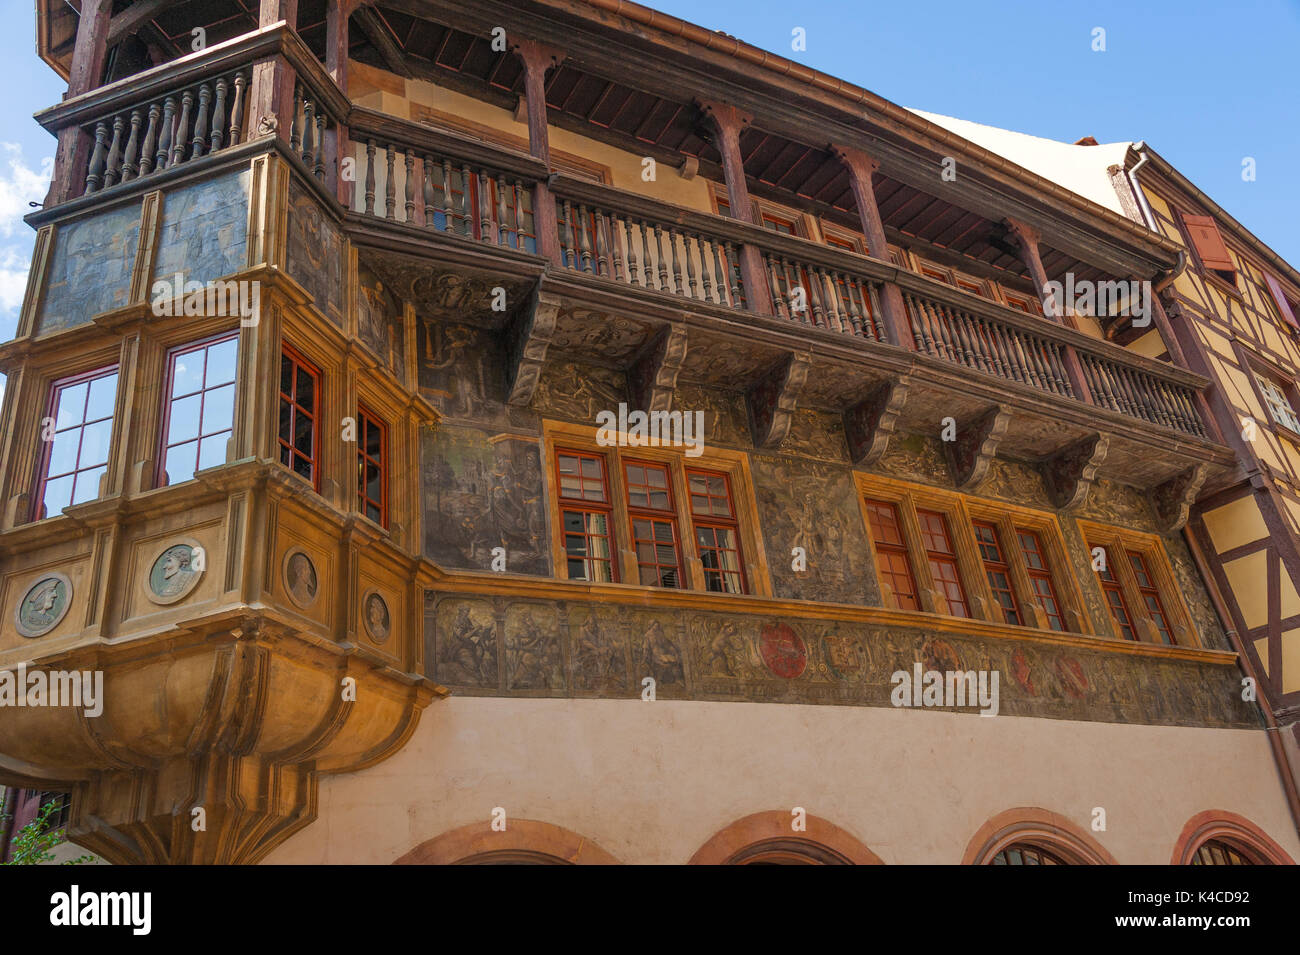 La casa pfister en colmar, arquitectura del renacimiento, pintoresca ...